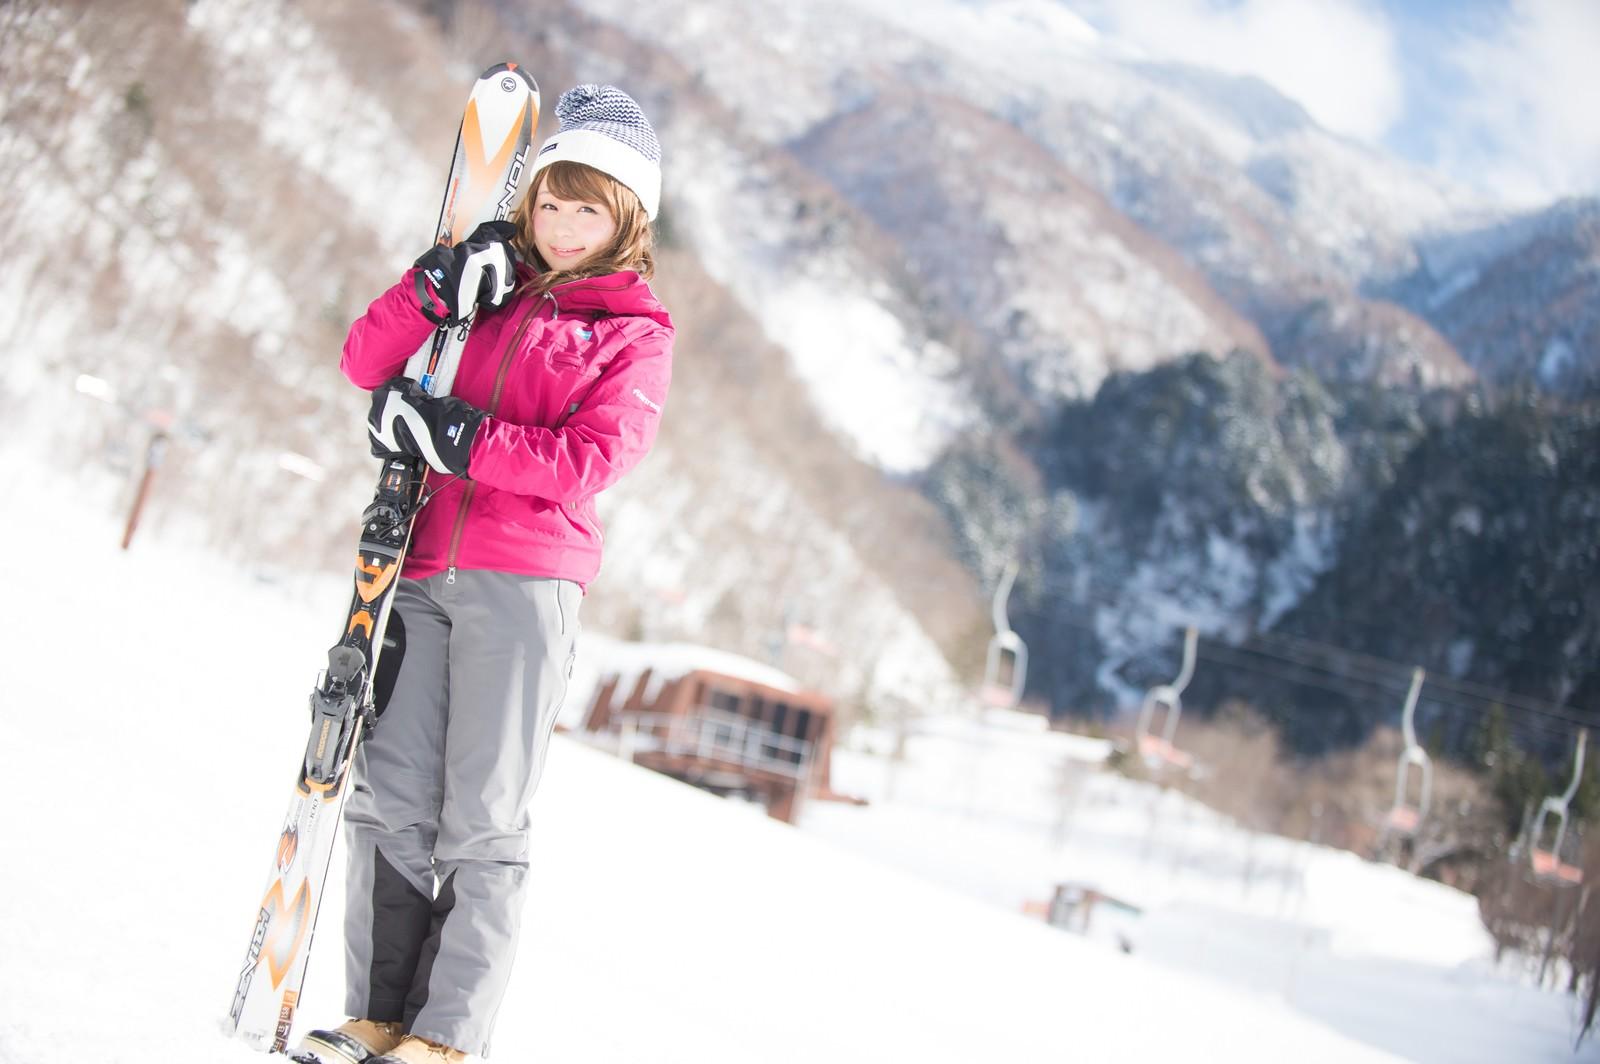 「スキーウェアにも最適なレイヤリングスキーウェアにも最適なレイヤリング」[モデル:茜さや]のフリー写真素材を拡大